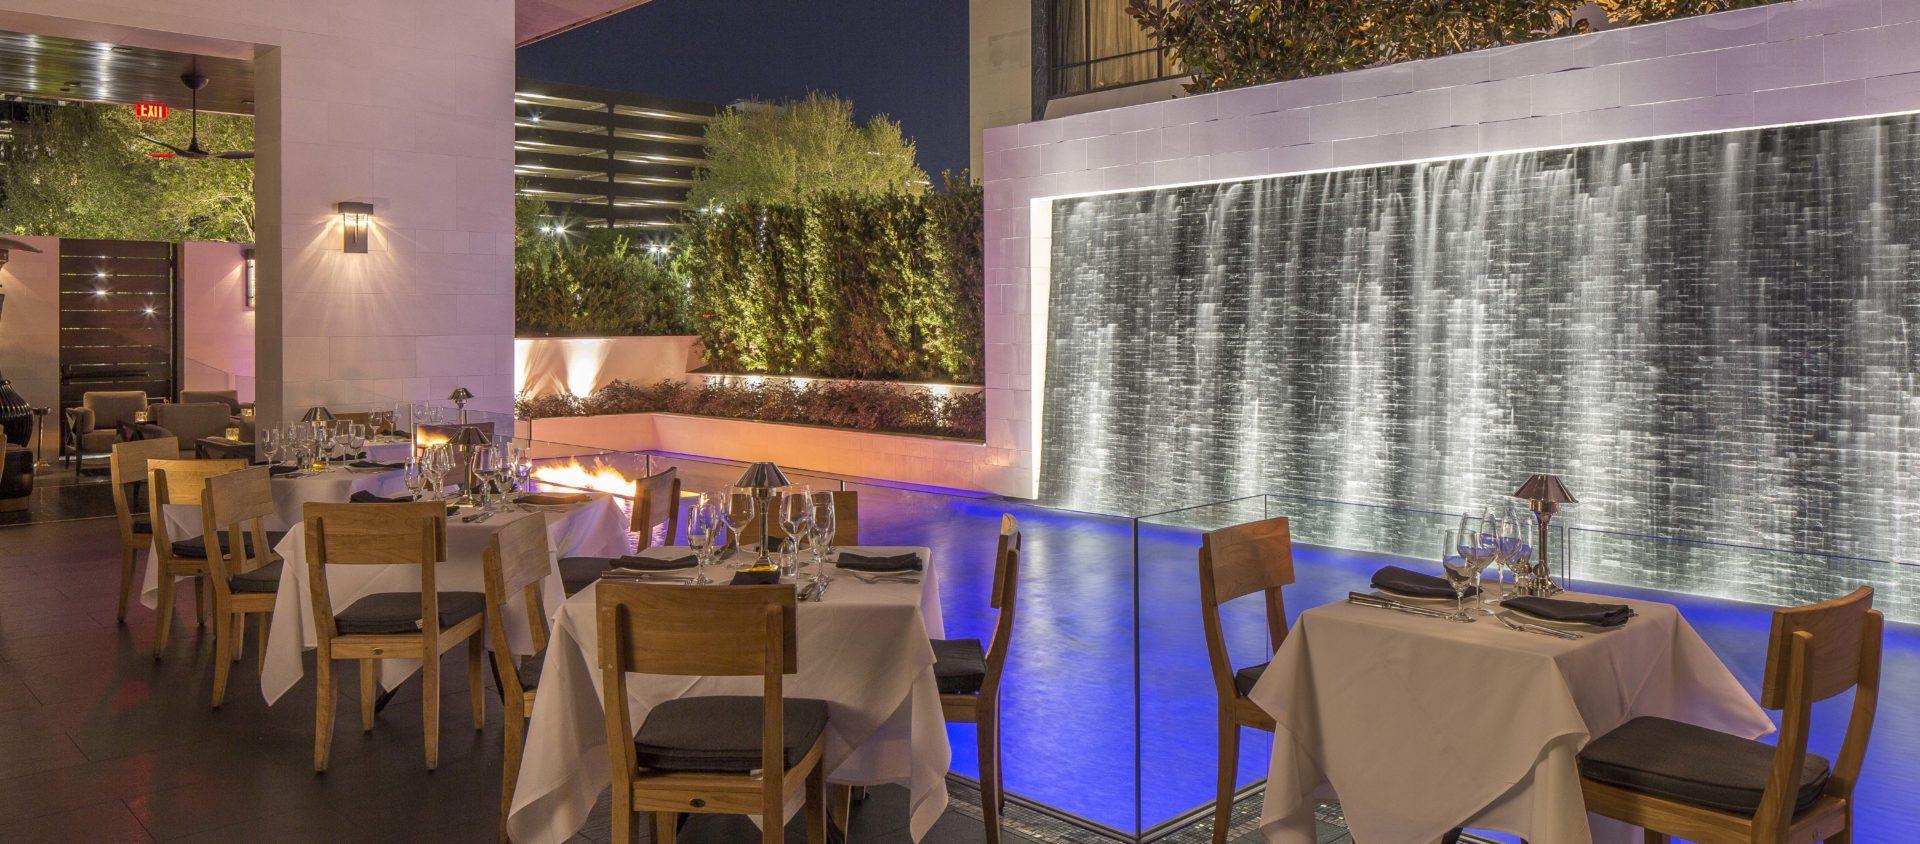 Mastro's Houston Creates In-Town Oasis